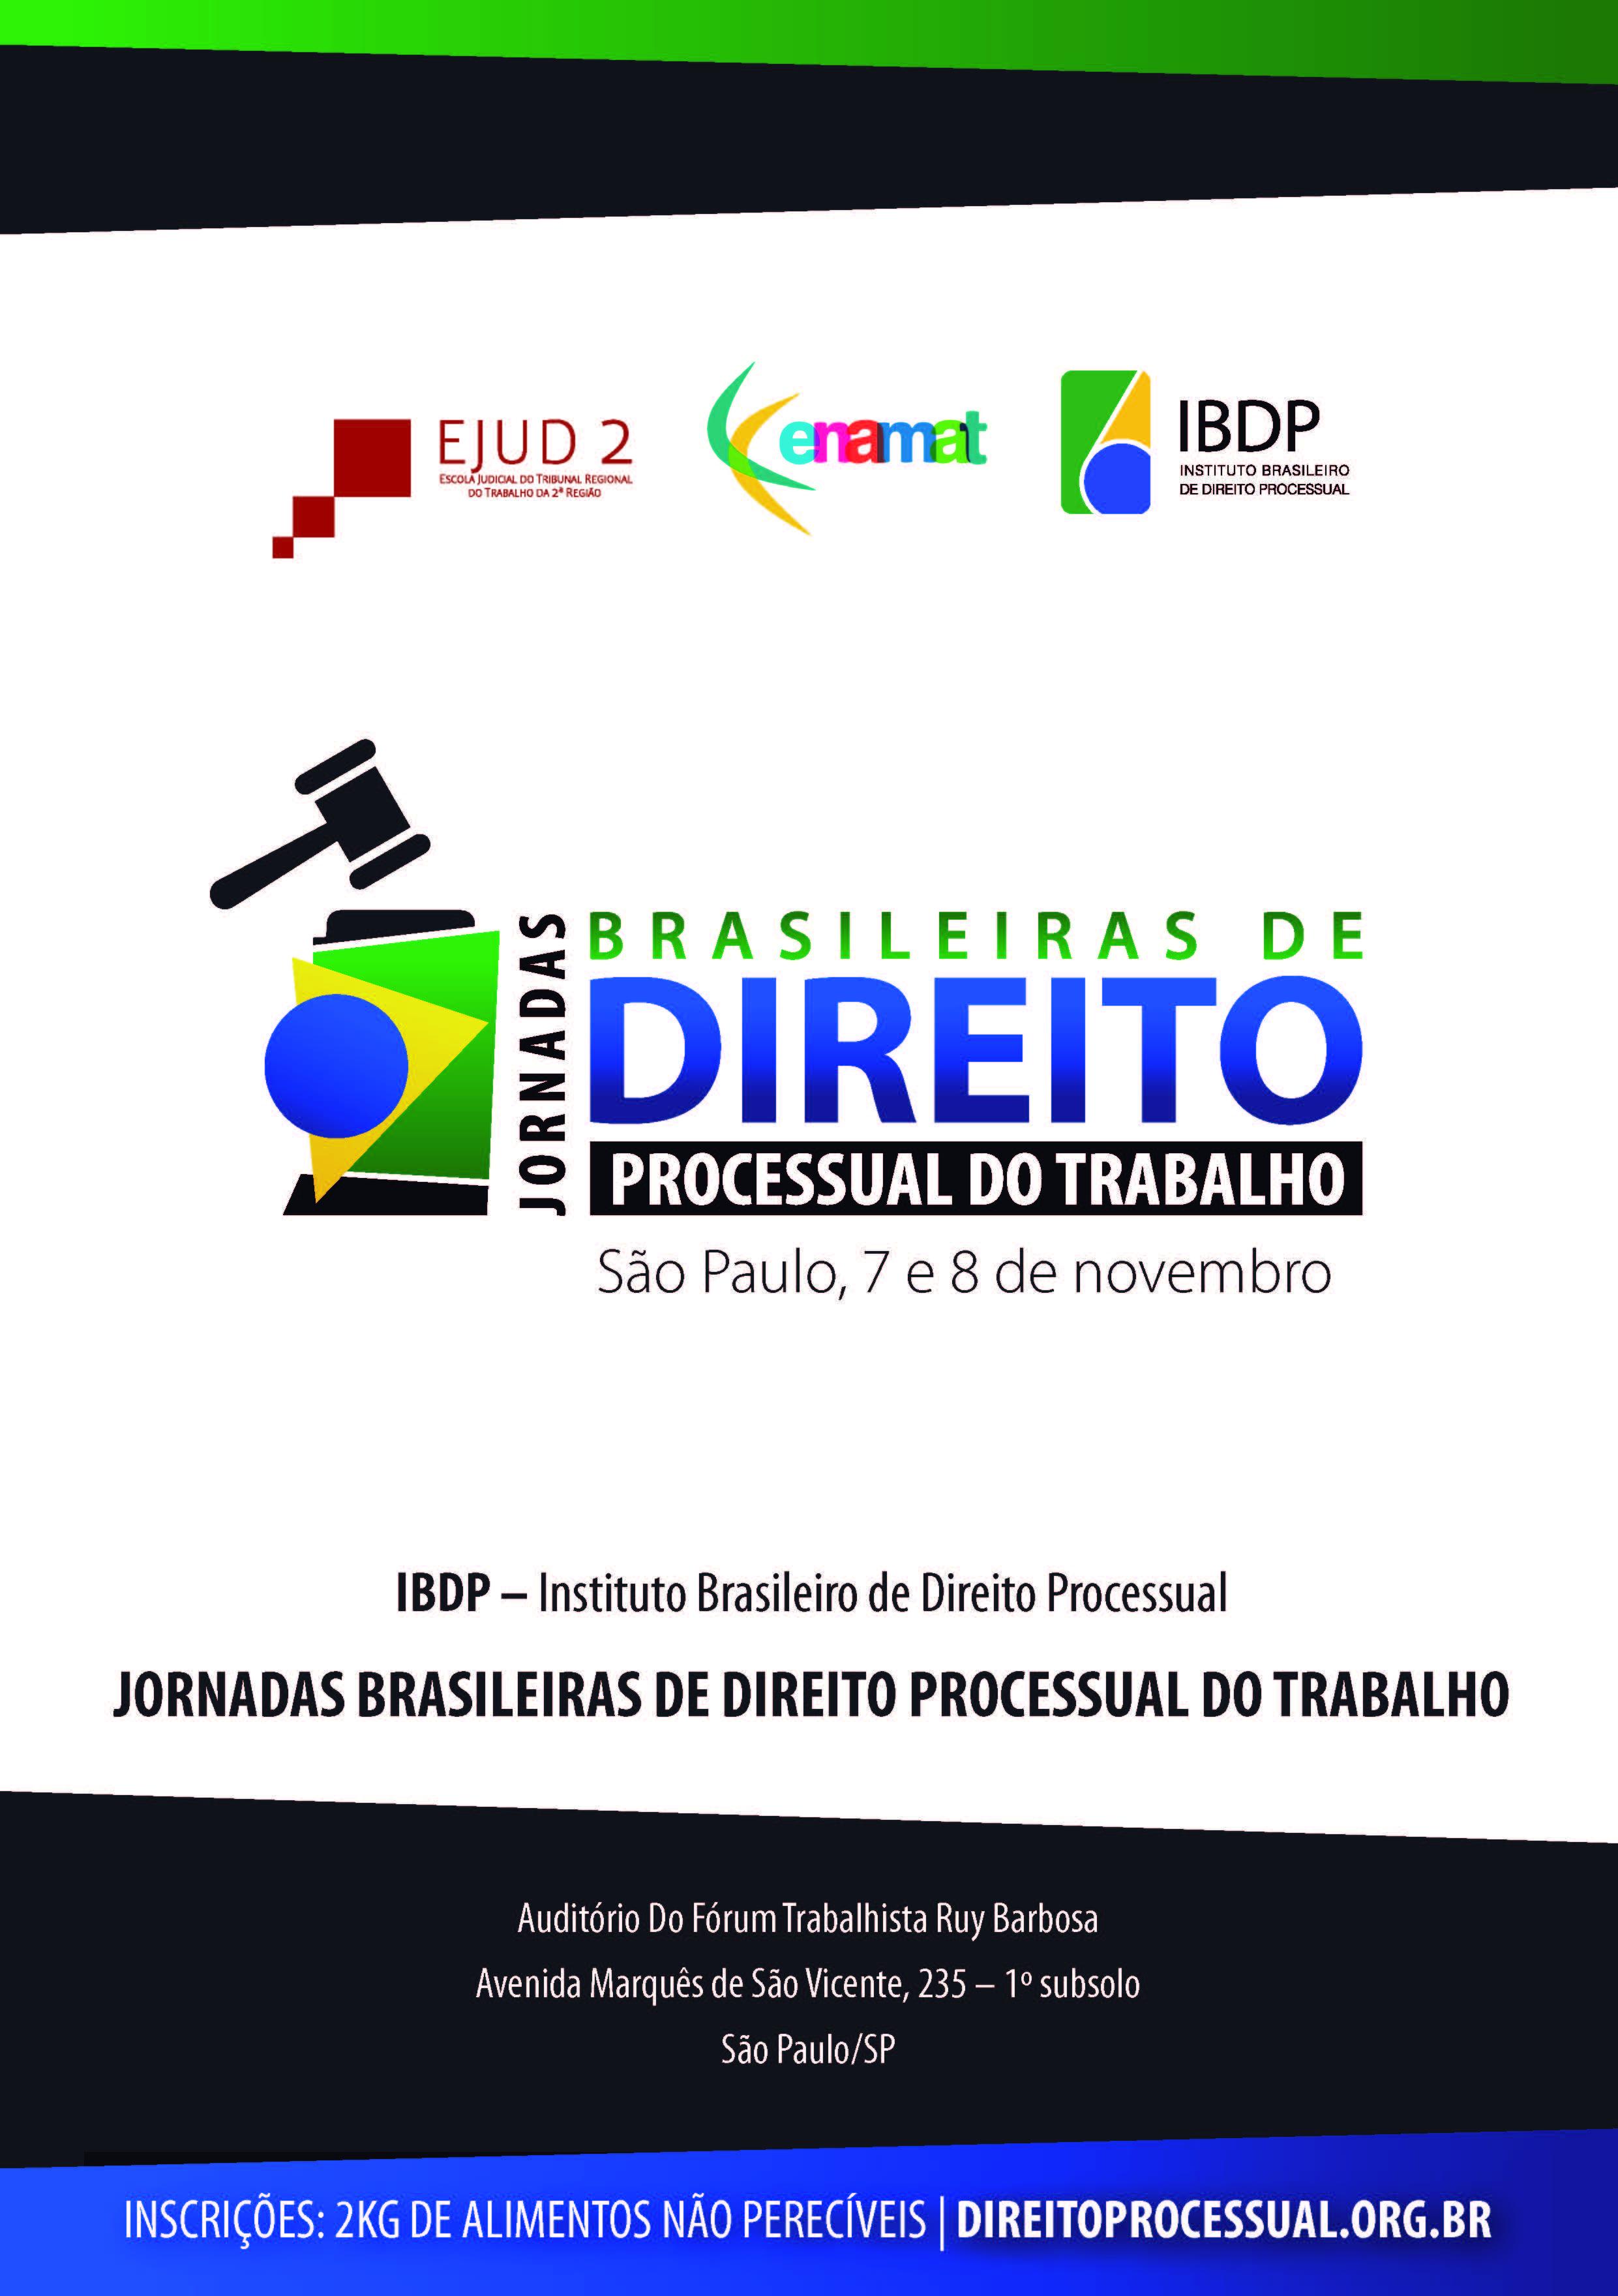 Programação JBD Processual do Trabalho_Página_1